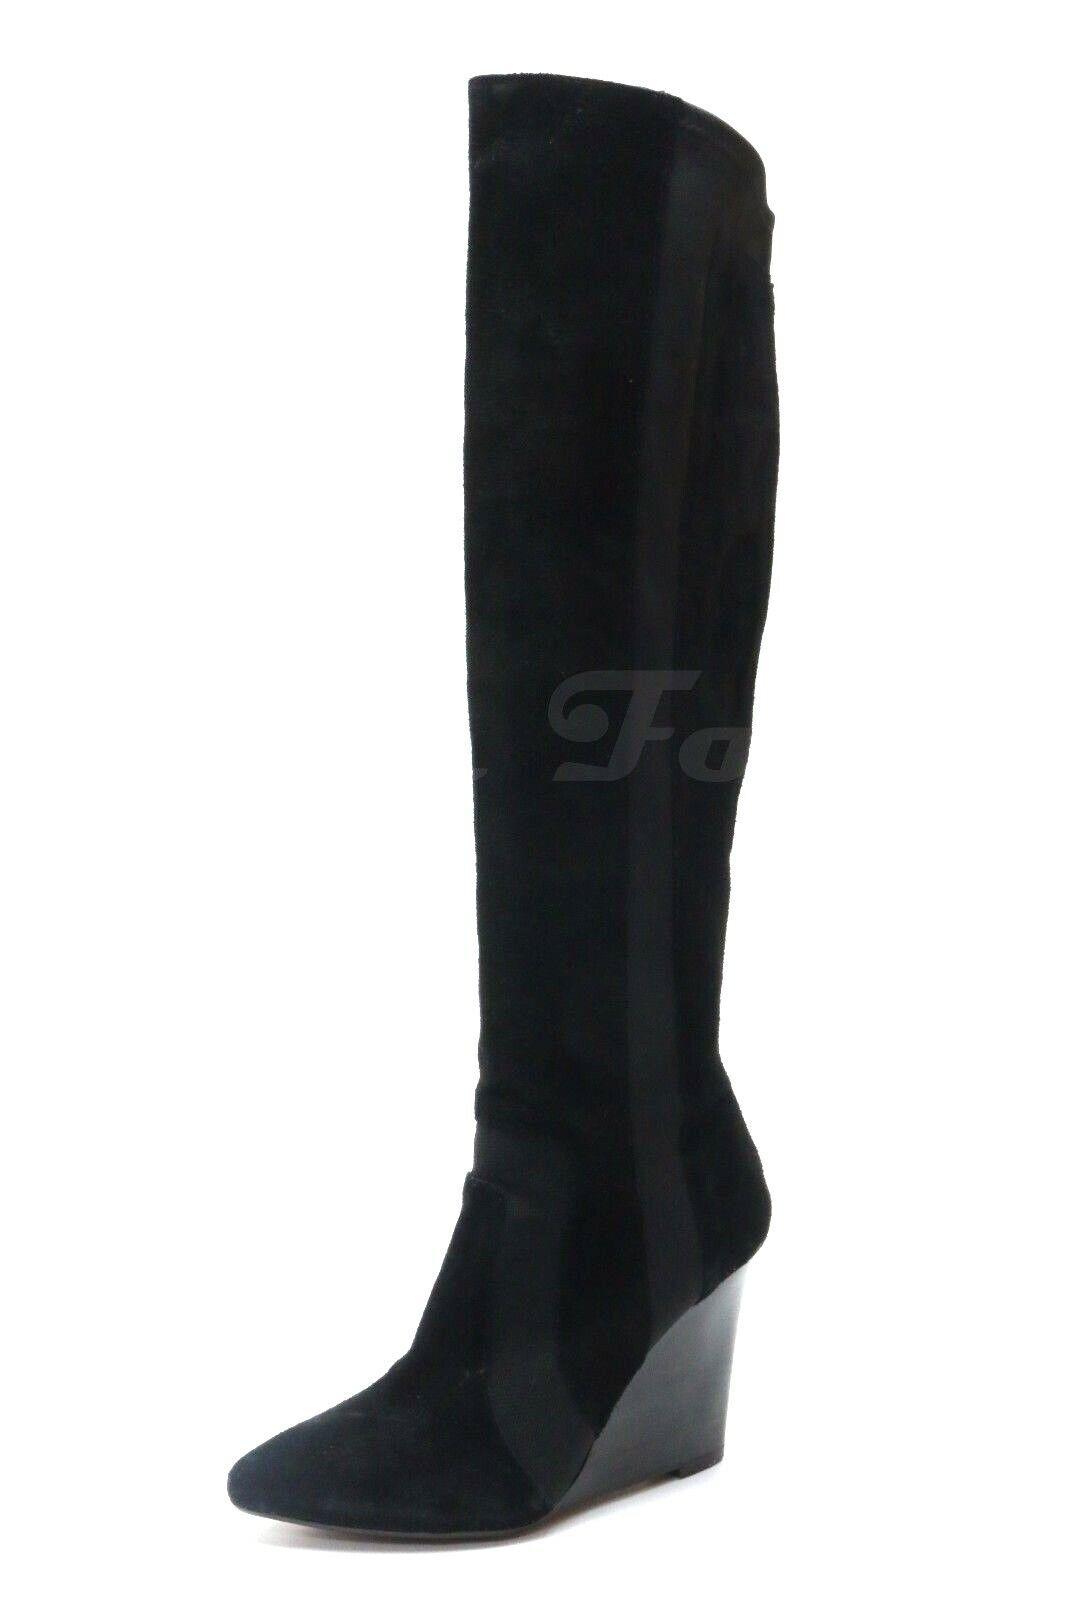 negozio online donna REPORT SIGNATURE  ISLAH  nero suede wedge pull pull pull on stivali sz. 8 NEW   qualità di prima classe